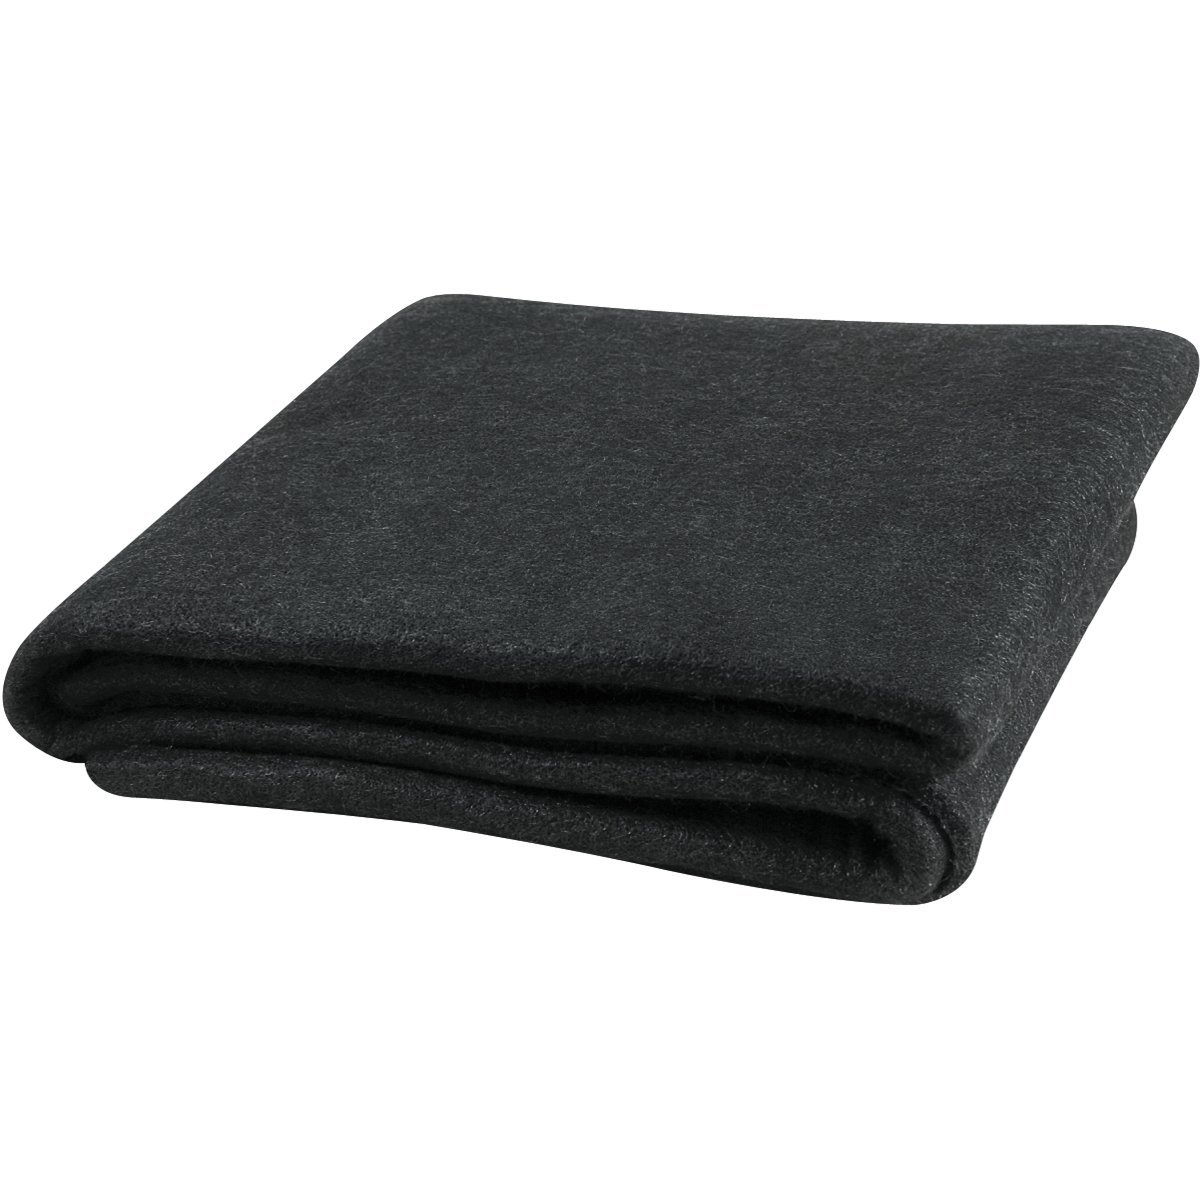 Steiner 316-8X10 Velvet Shield 16 oz Black Carbonized Fiber Welding Blanket, 8' x 10'